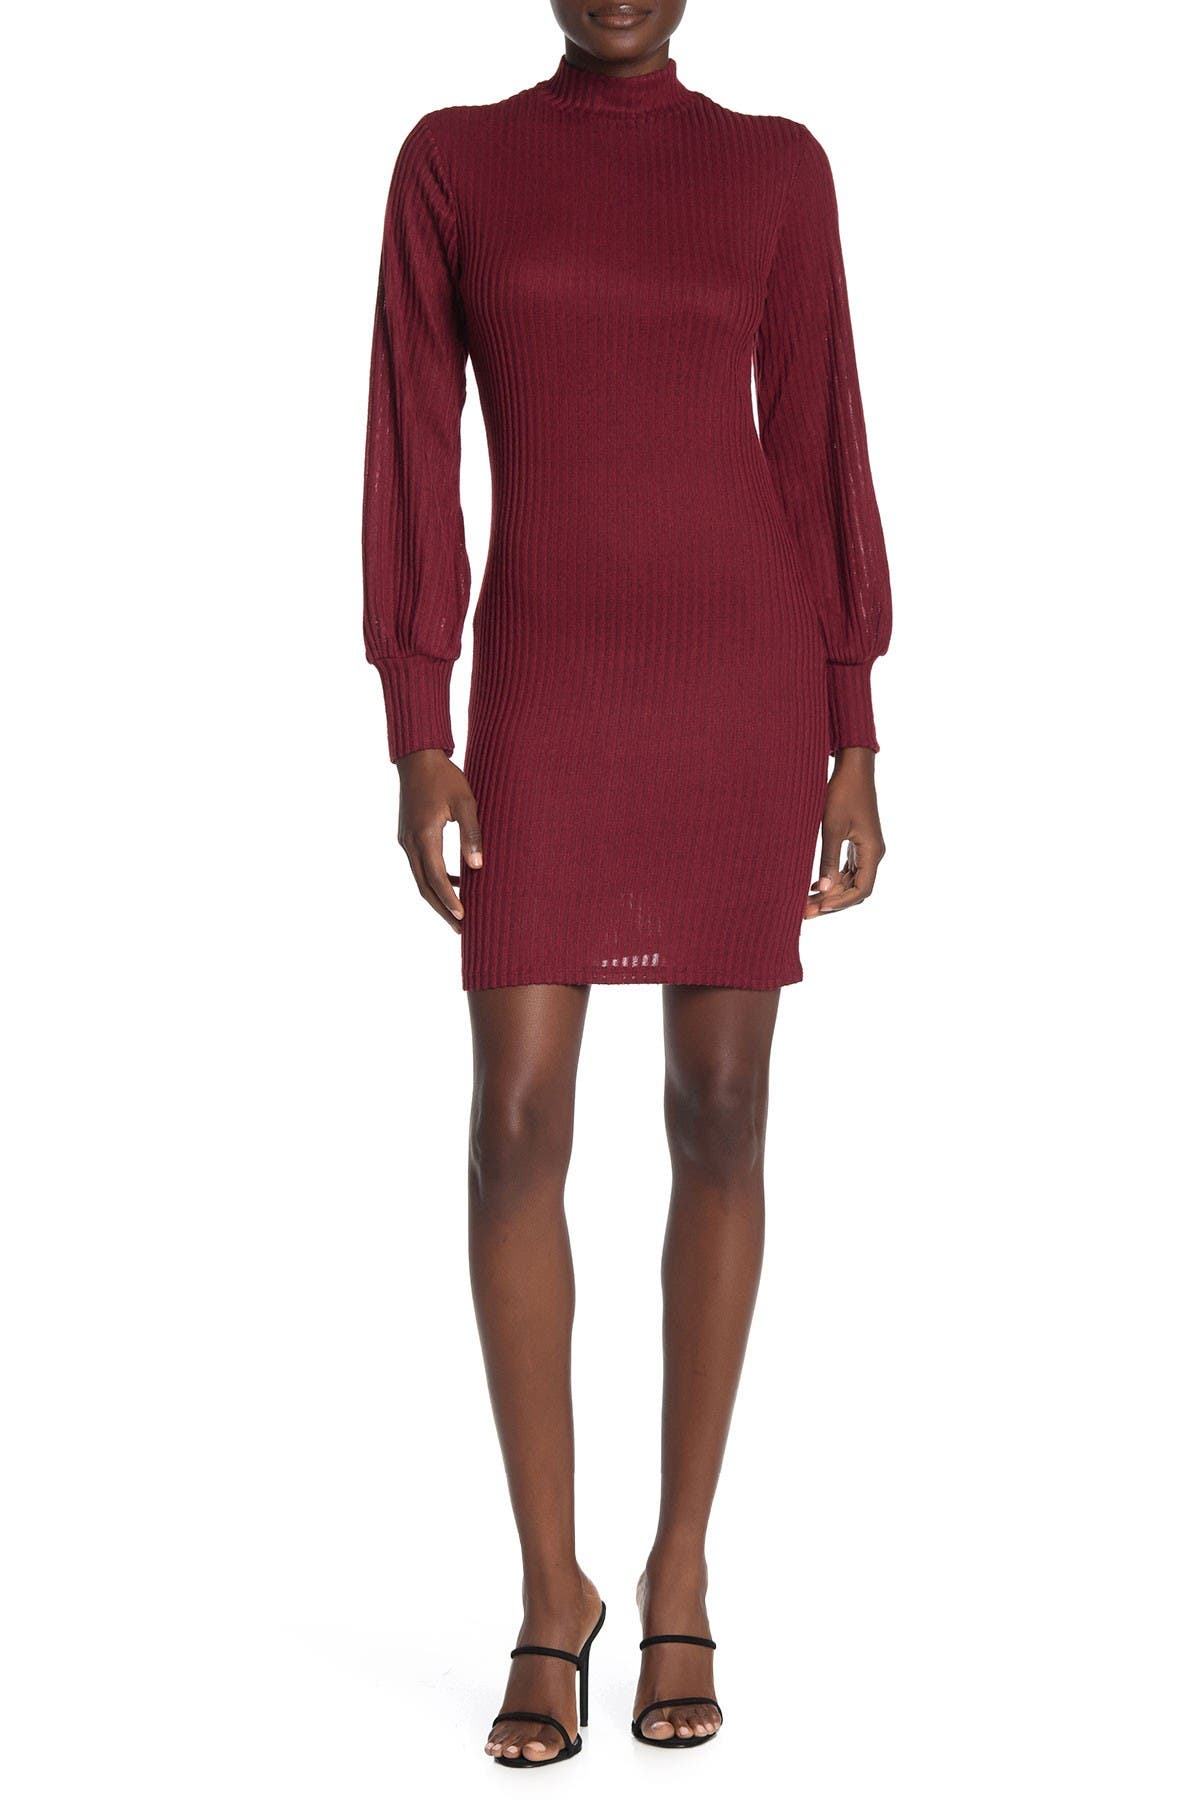 Image of MAX & ASH Ribbed Knit Turtleneck Mini Dress